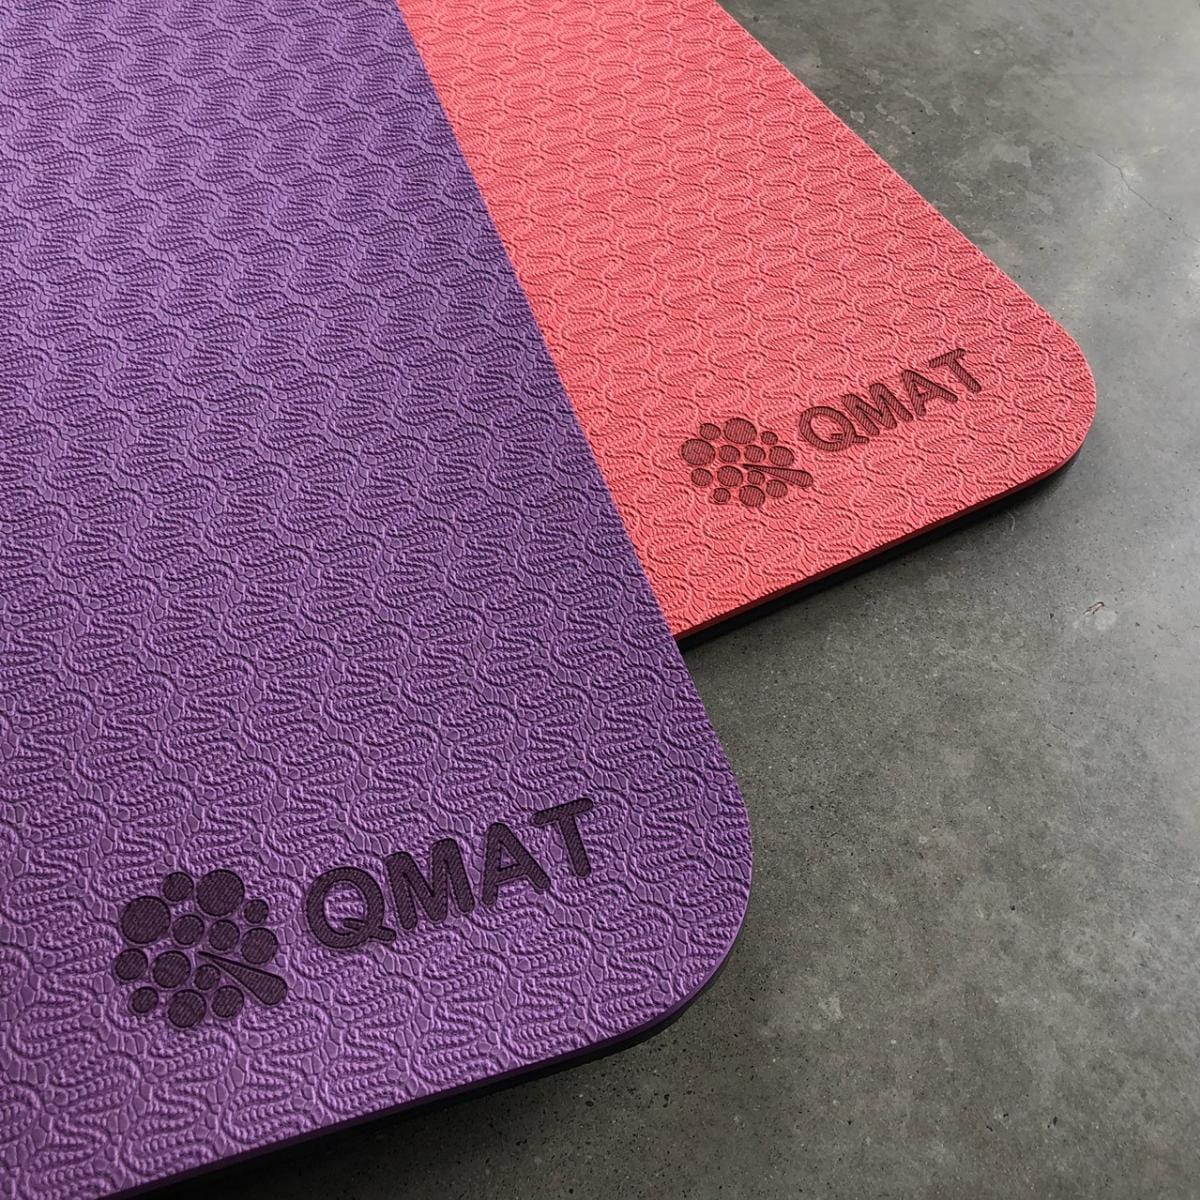 【QMAT】 10mm 雙色運動墊(共六色) 3